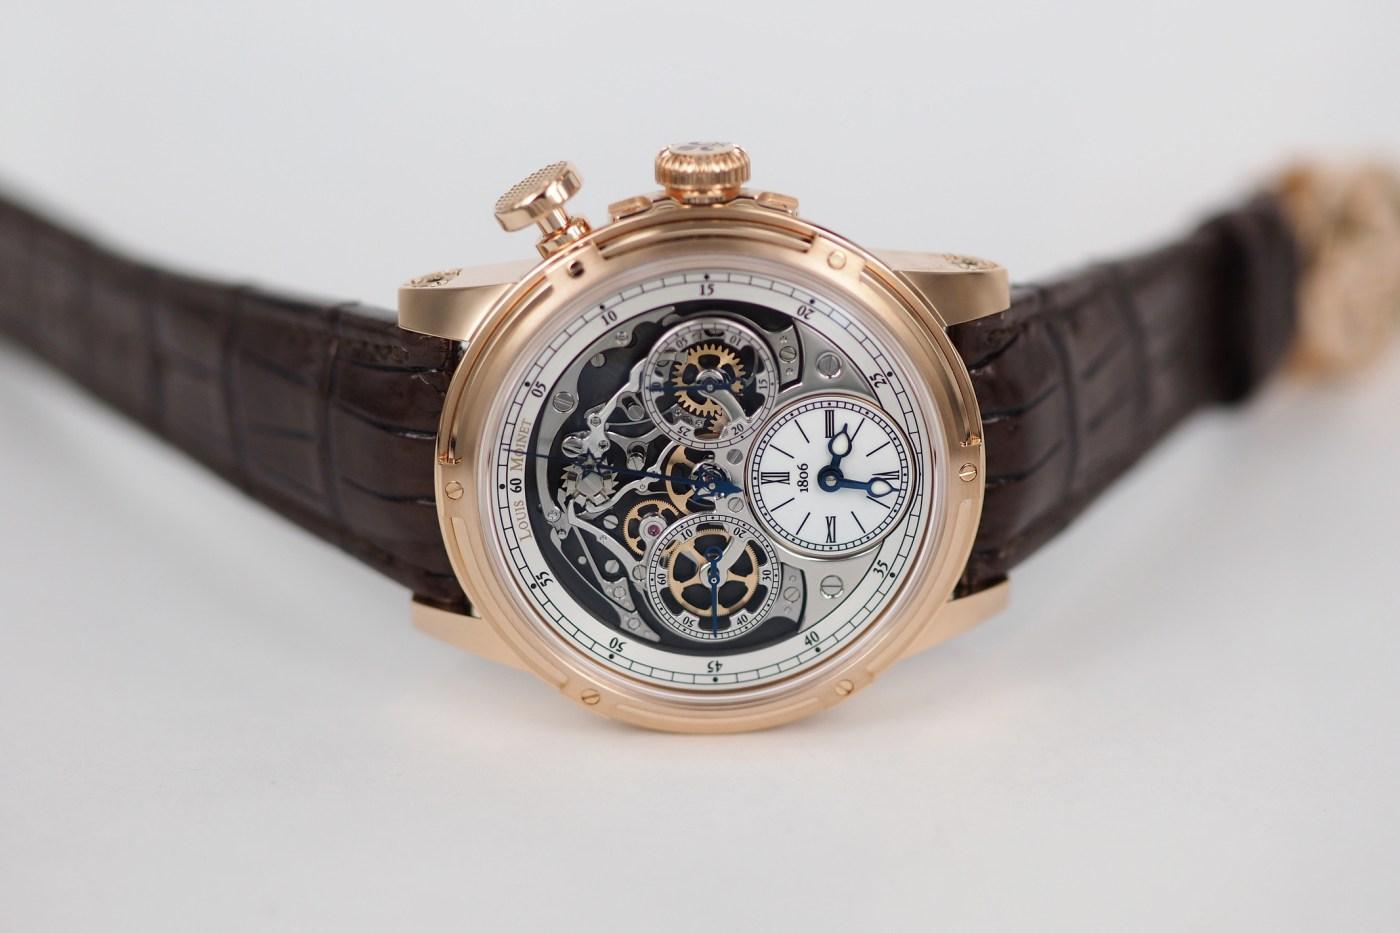 Louis Moinet Memoris Chronograph